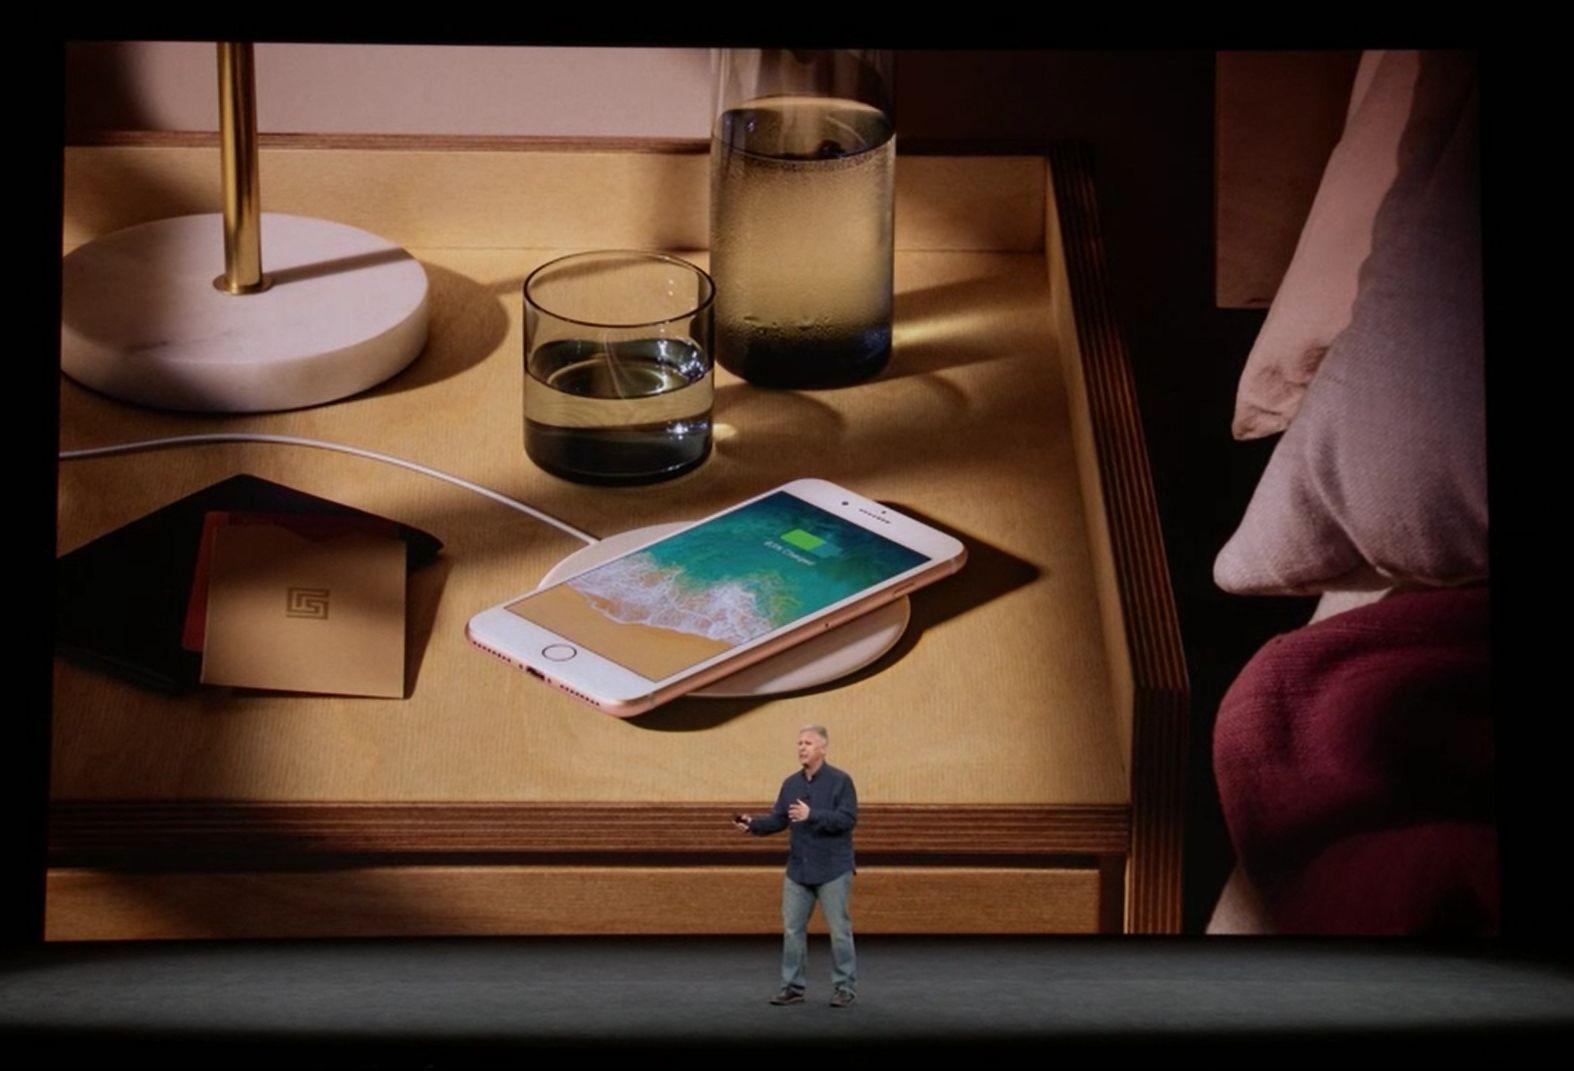 iPhone 8 bezprzewodowe ładowanie